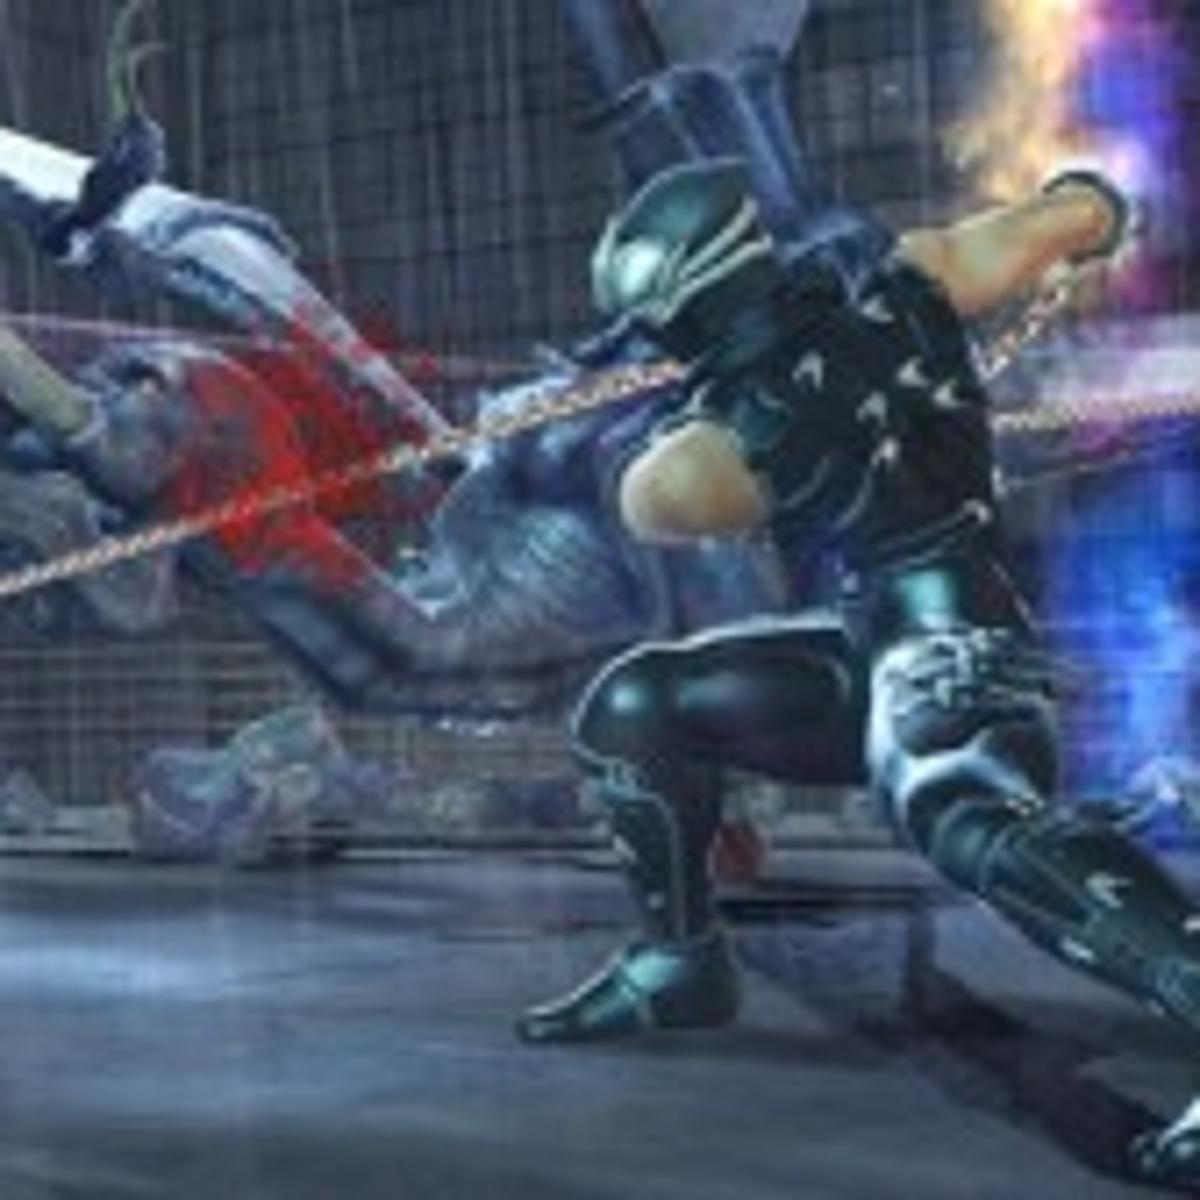 Ninja Gaiden Bourne Conspiracy Deliver Nonstop Thrills Press